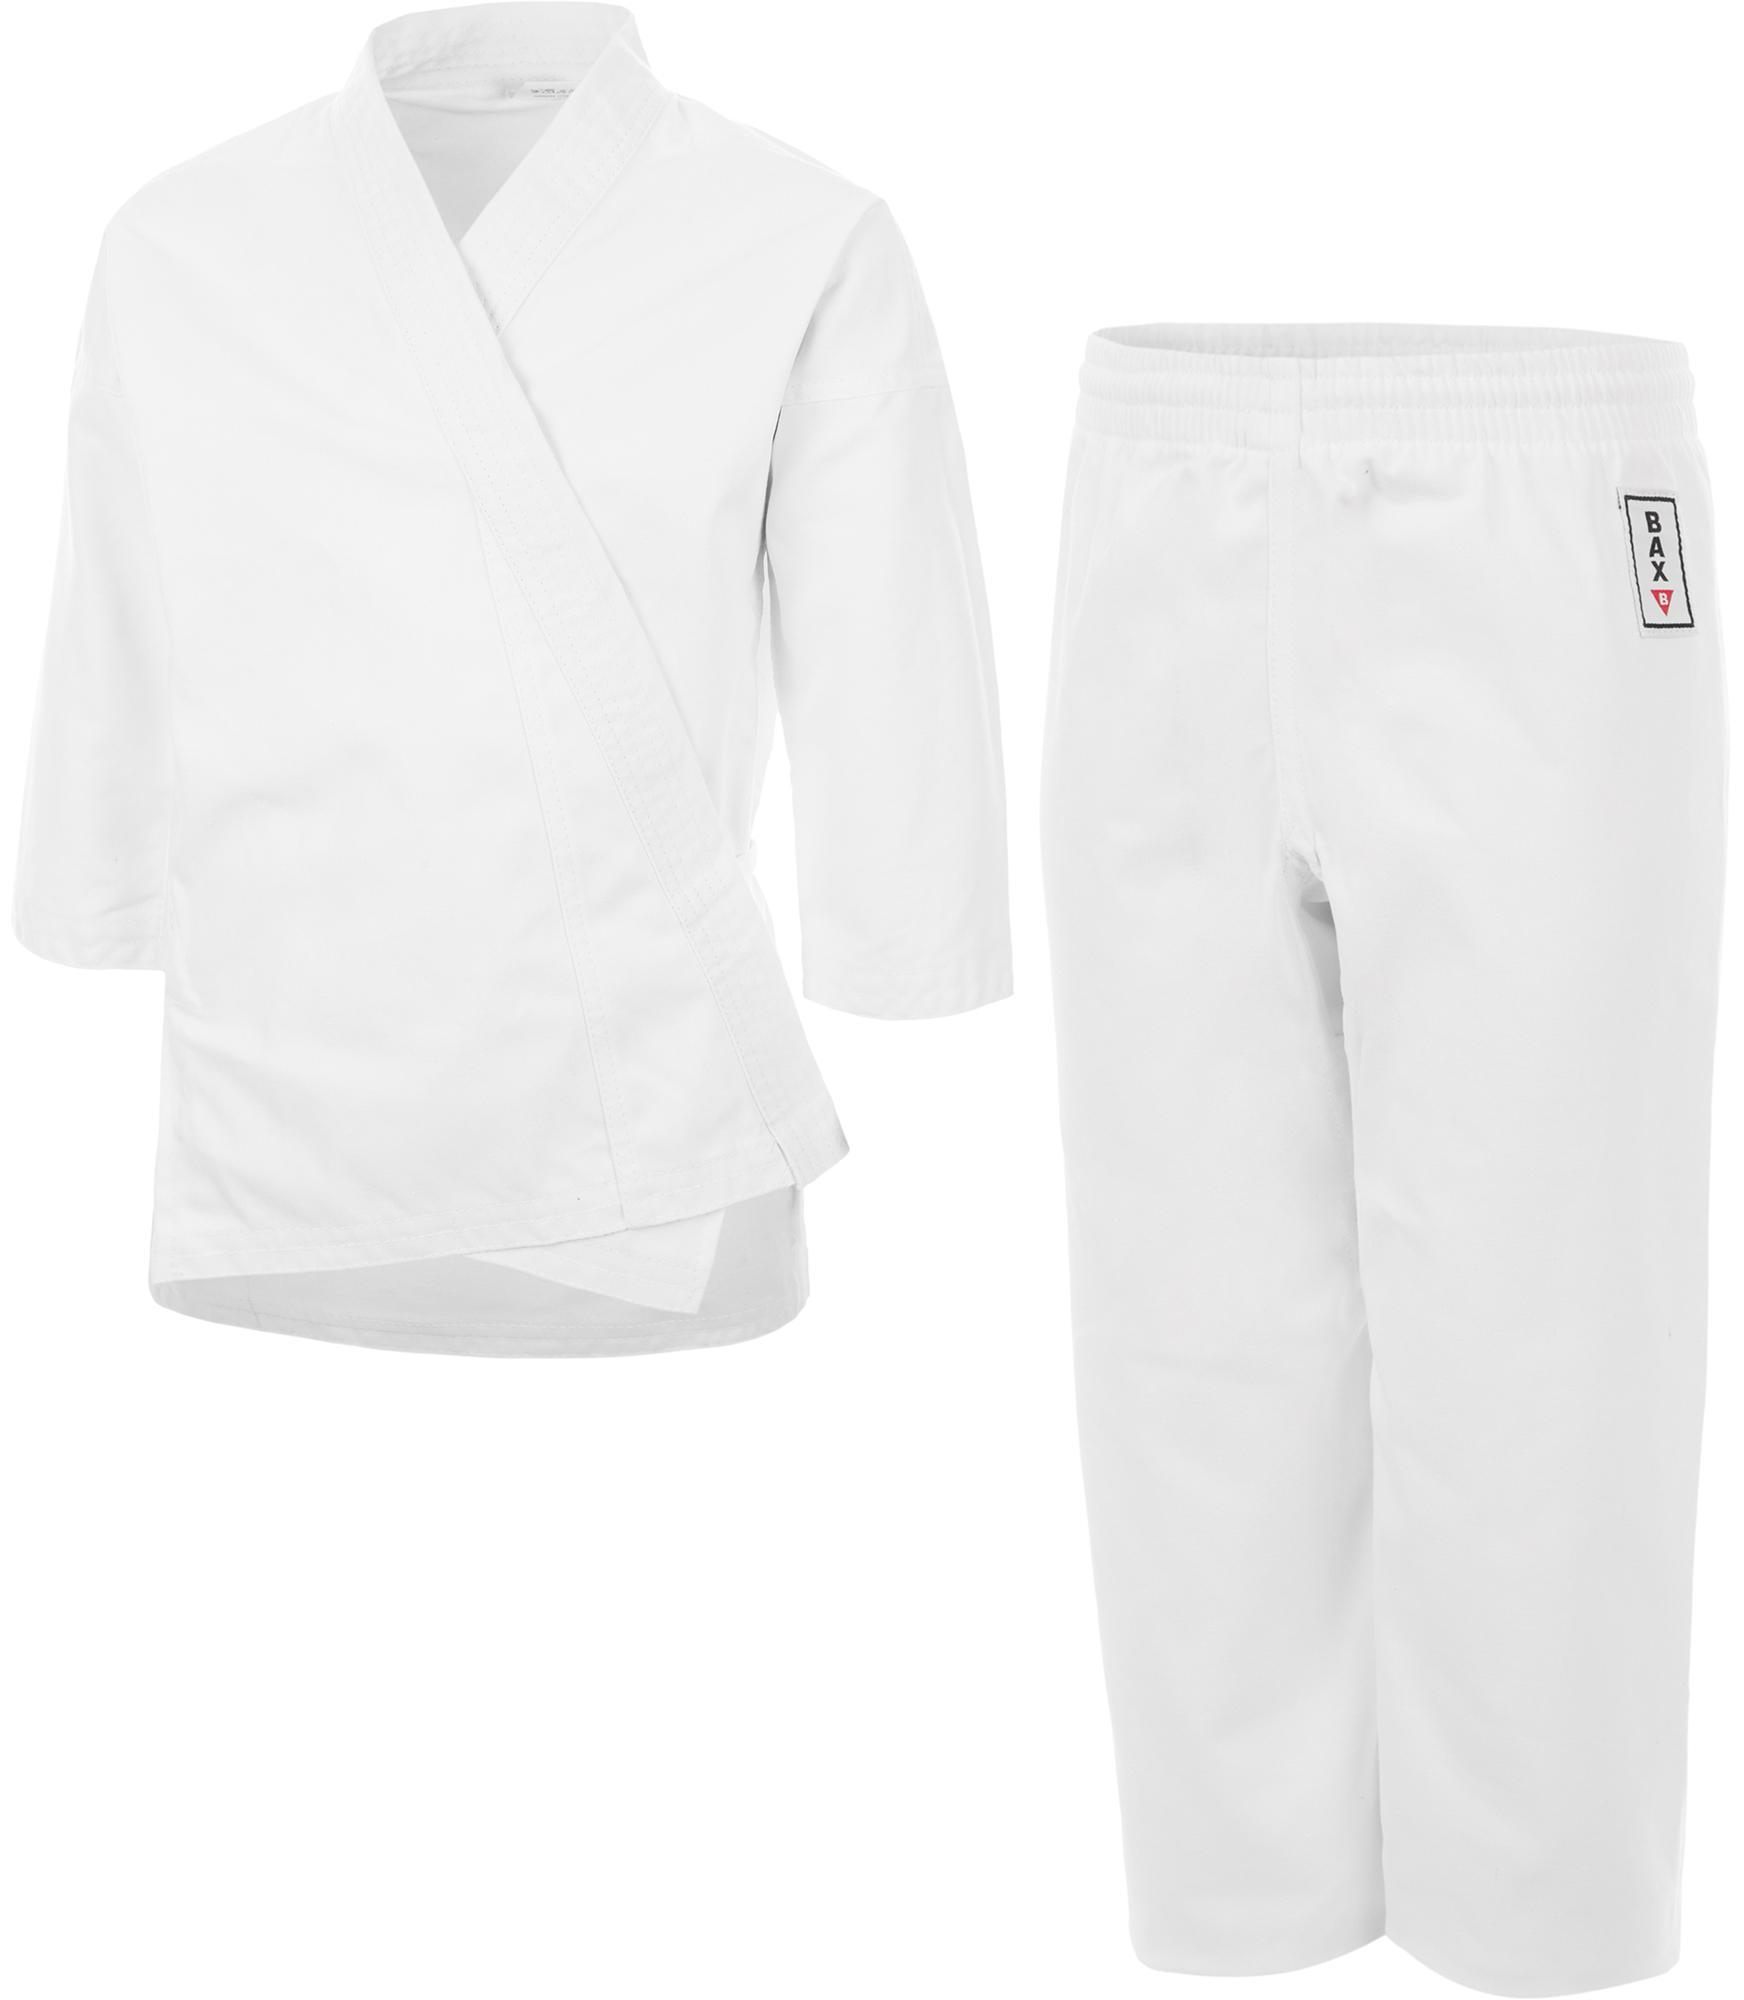 Bax Кимоно для карате Bax костюм для карате для детей в саратове